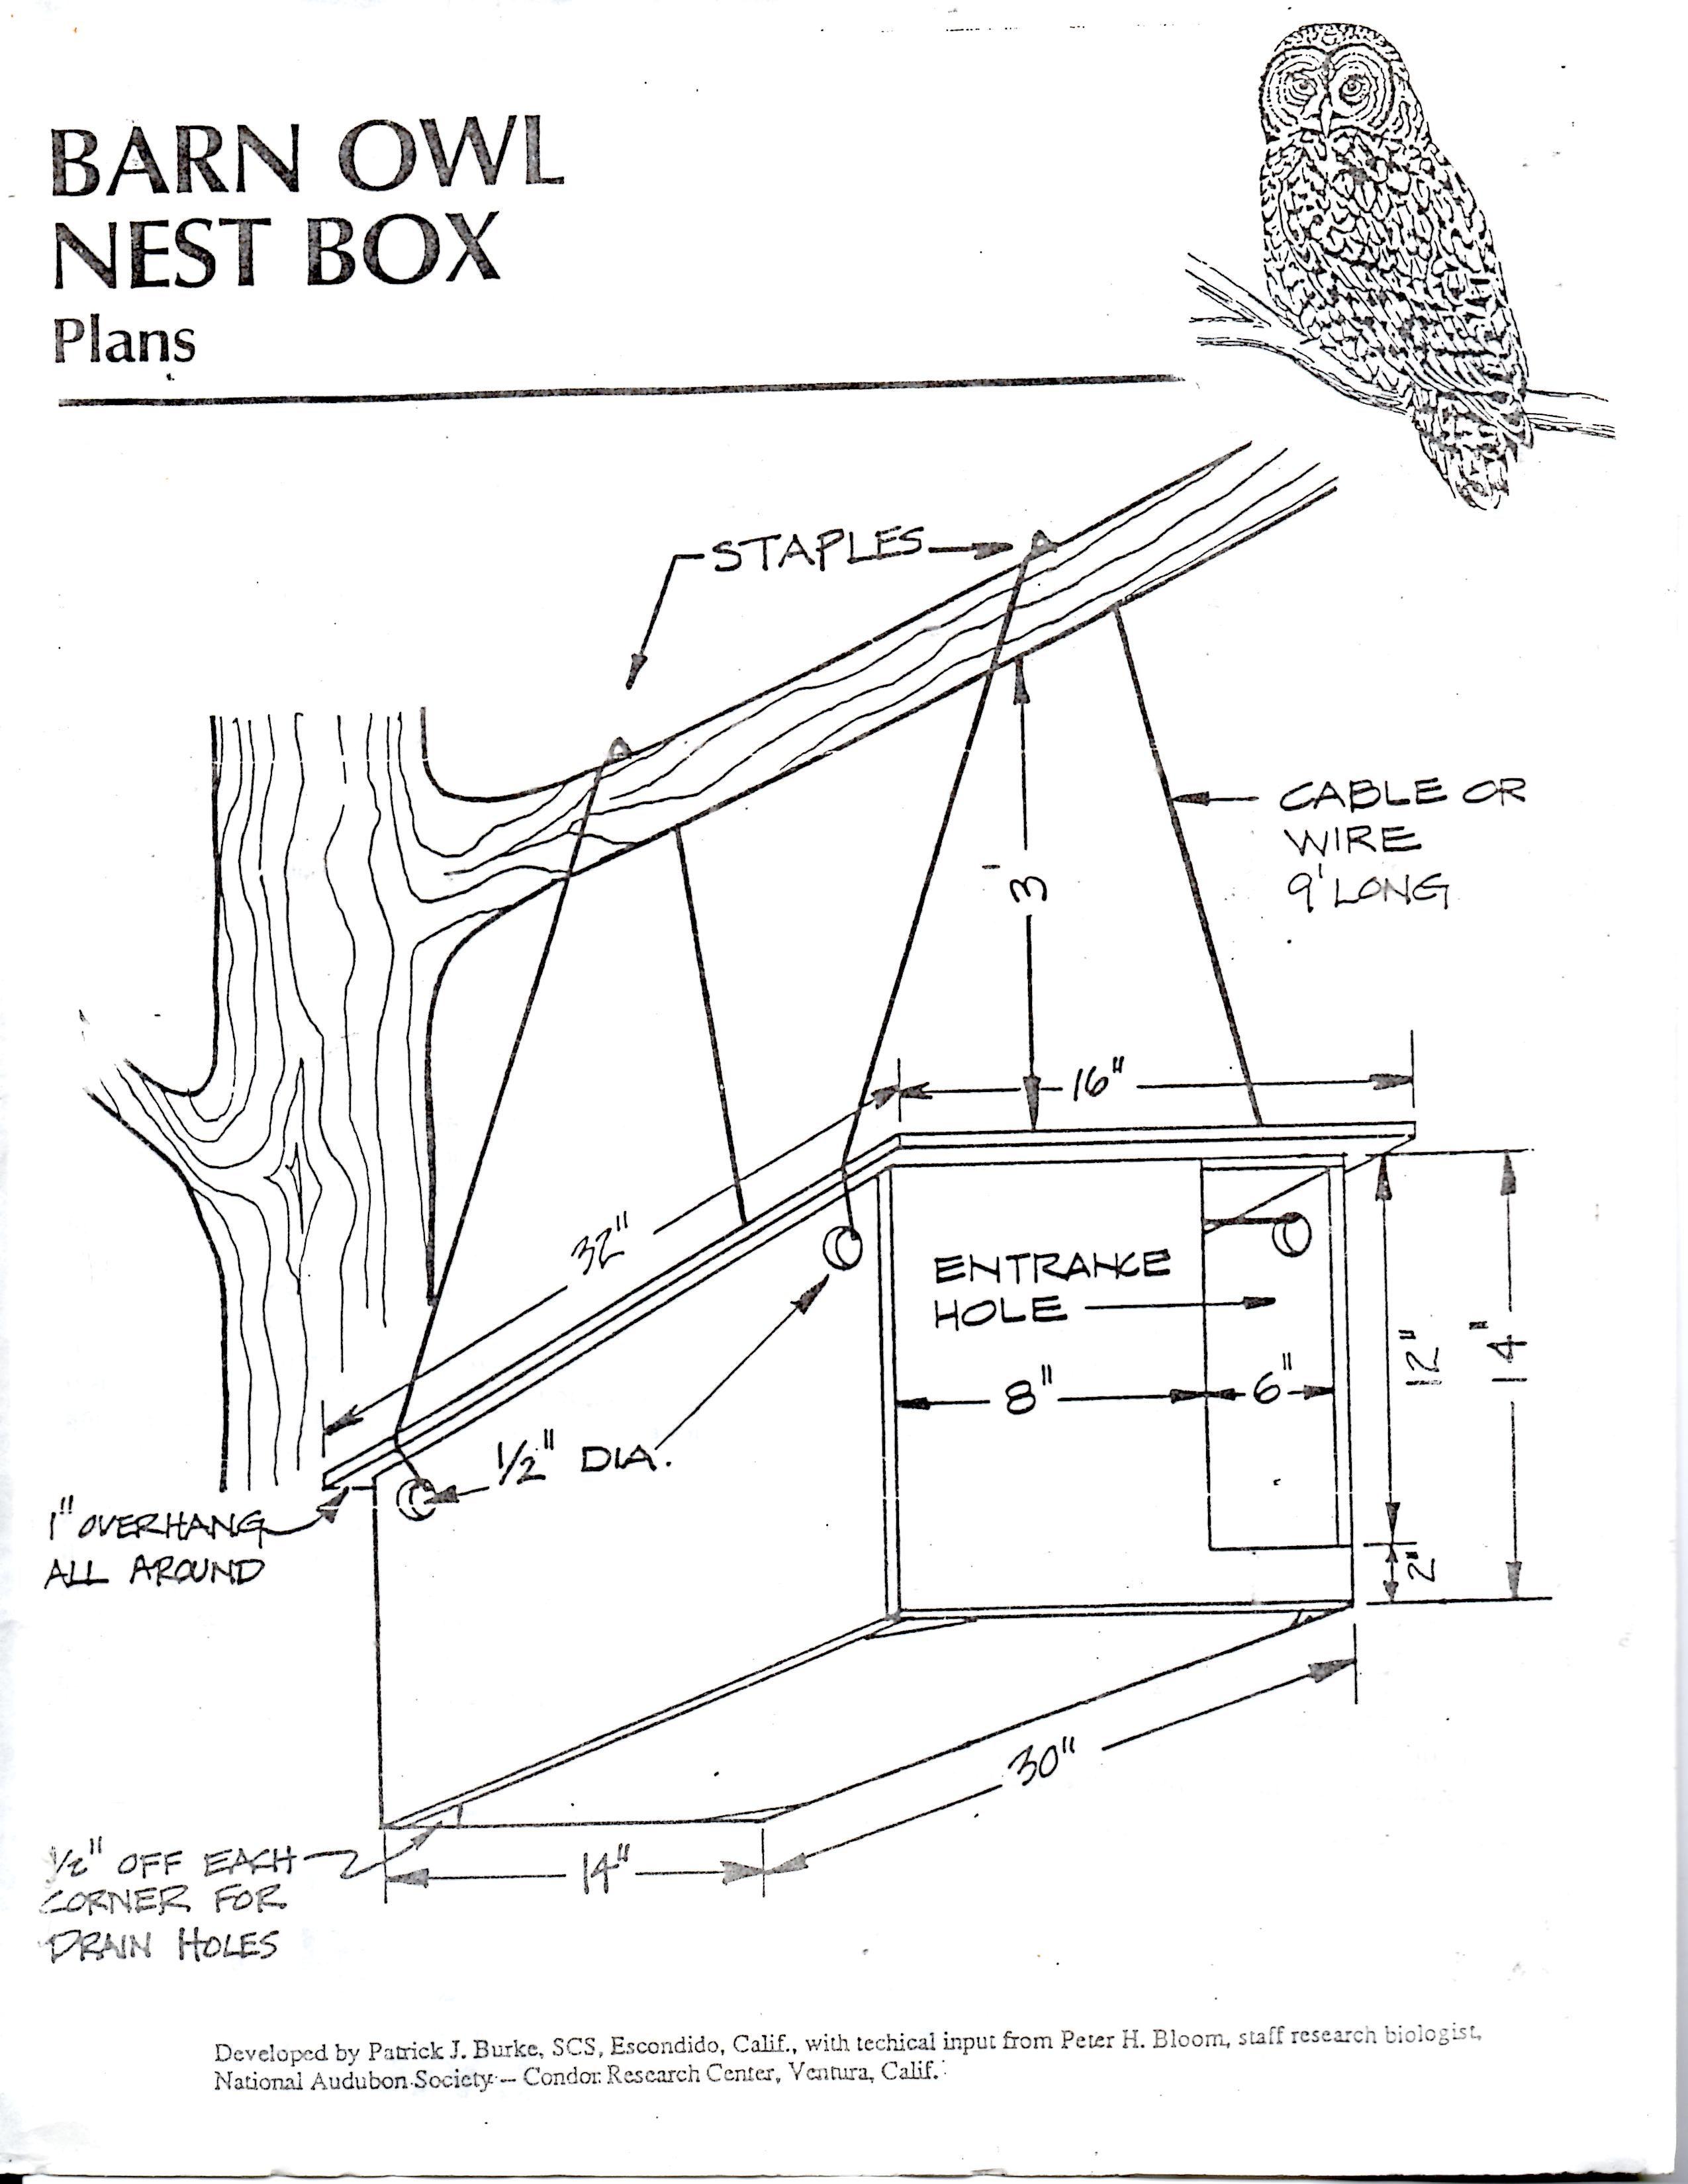 Diy Barn Owl Nesting Box Plans Pg 1 Owl Nesting Barn Owl Owl Box